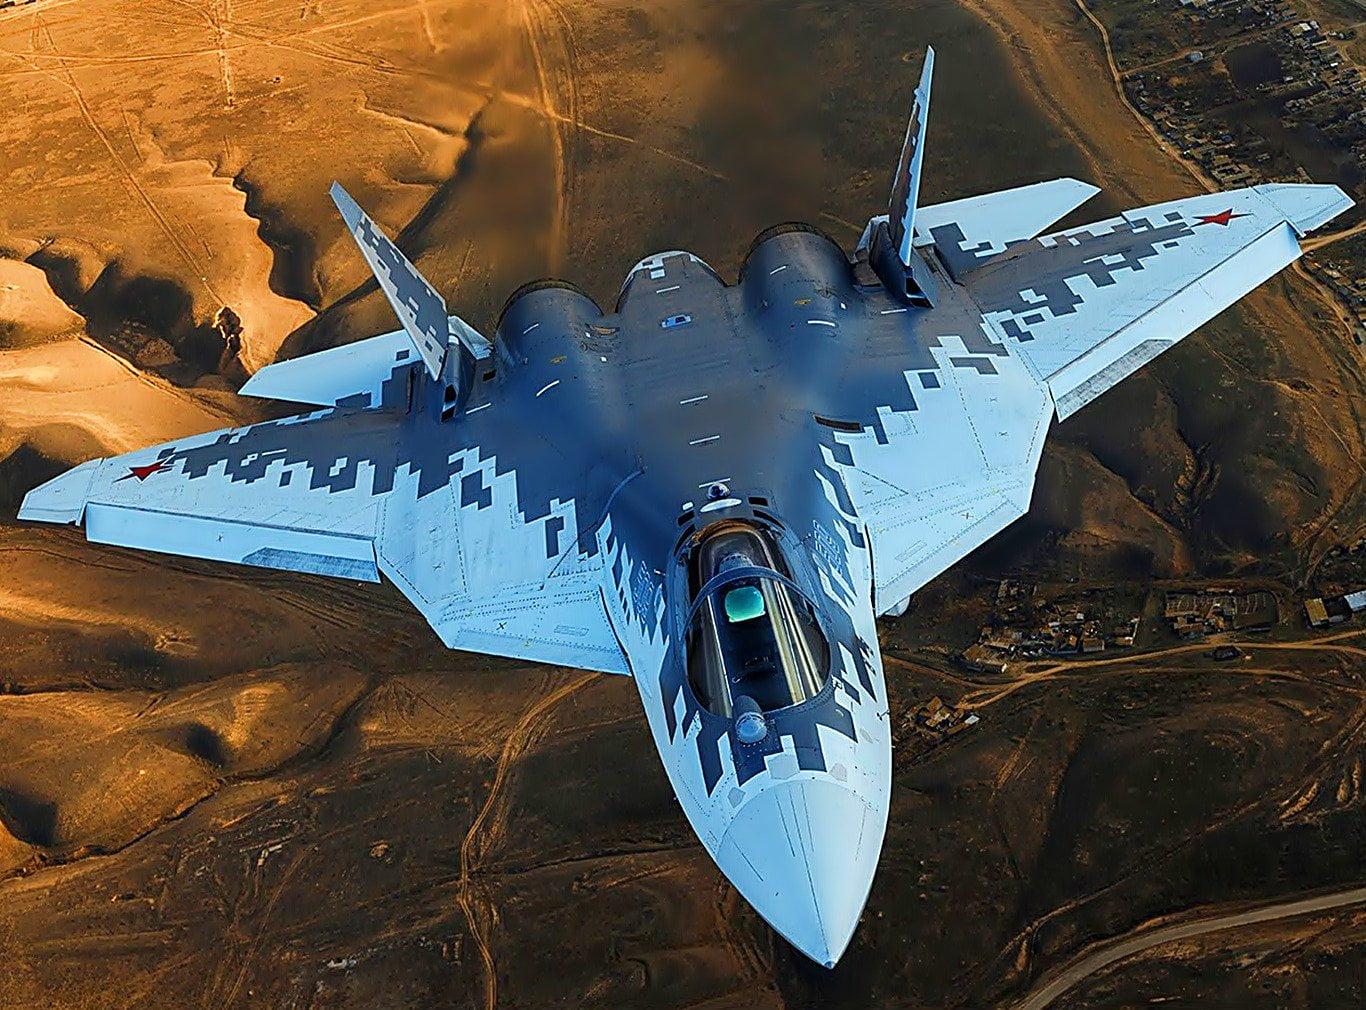 Στην τελική ευθεία η κοινοπραξία Ρωσίας – Τουρκίας για την κατασκευή μαχητικών Su-57 Stealth;